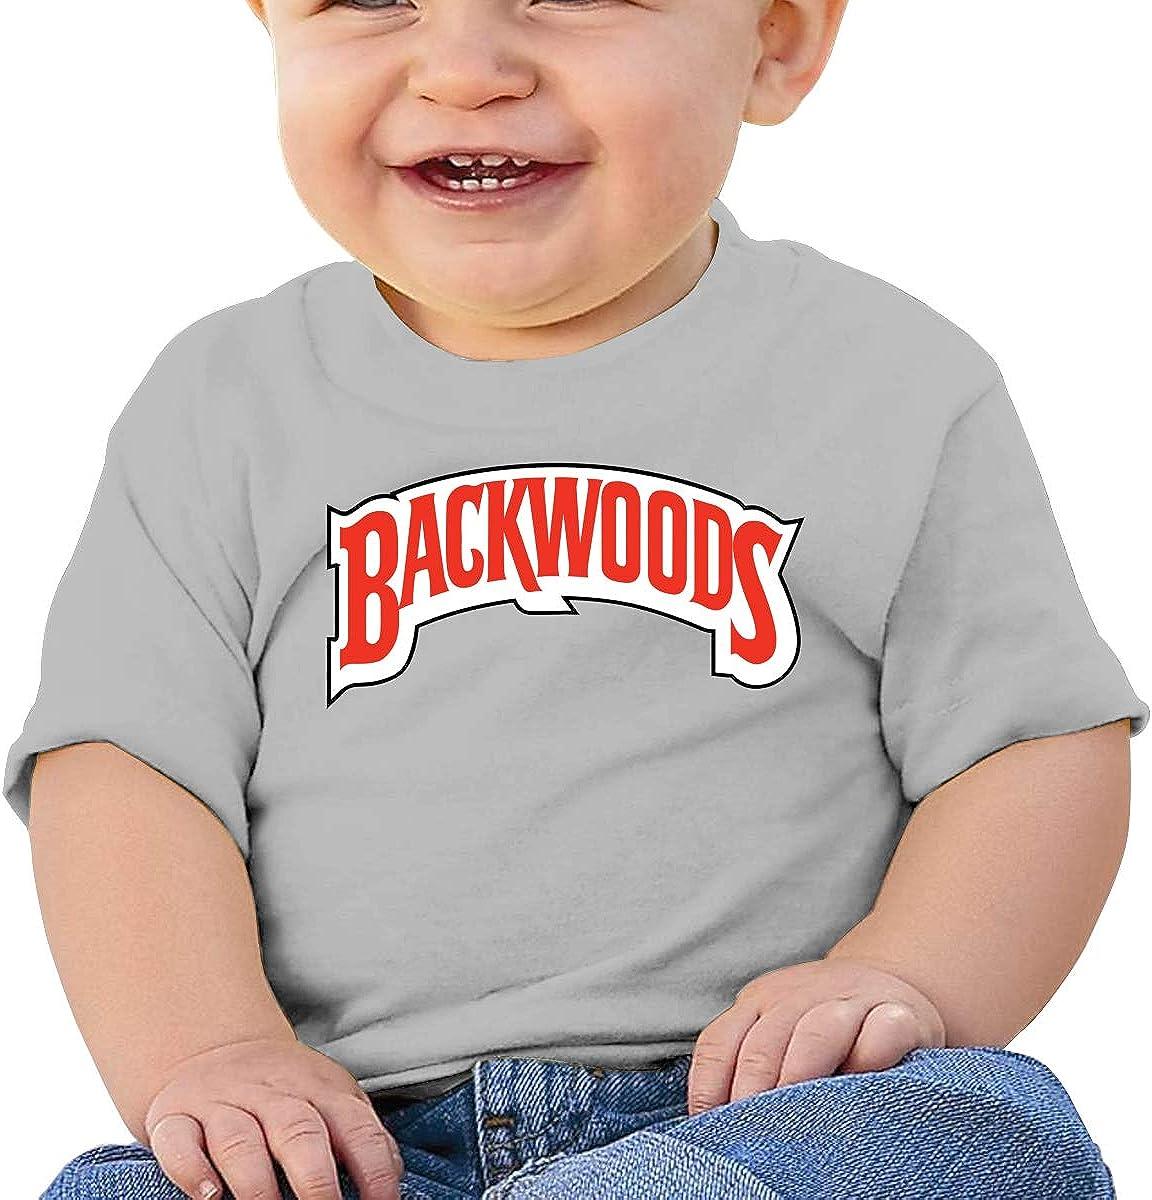 HUCON Backwoods Little Baby Girls Boys T Shirt Cute Crew Neck Tee Shirt